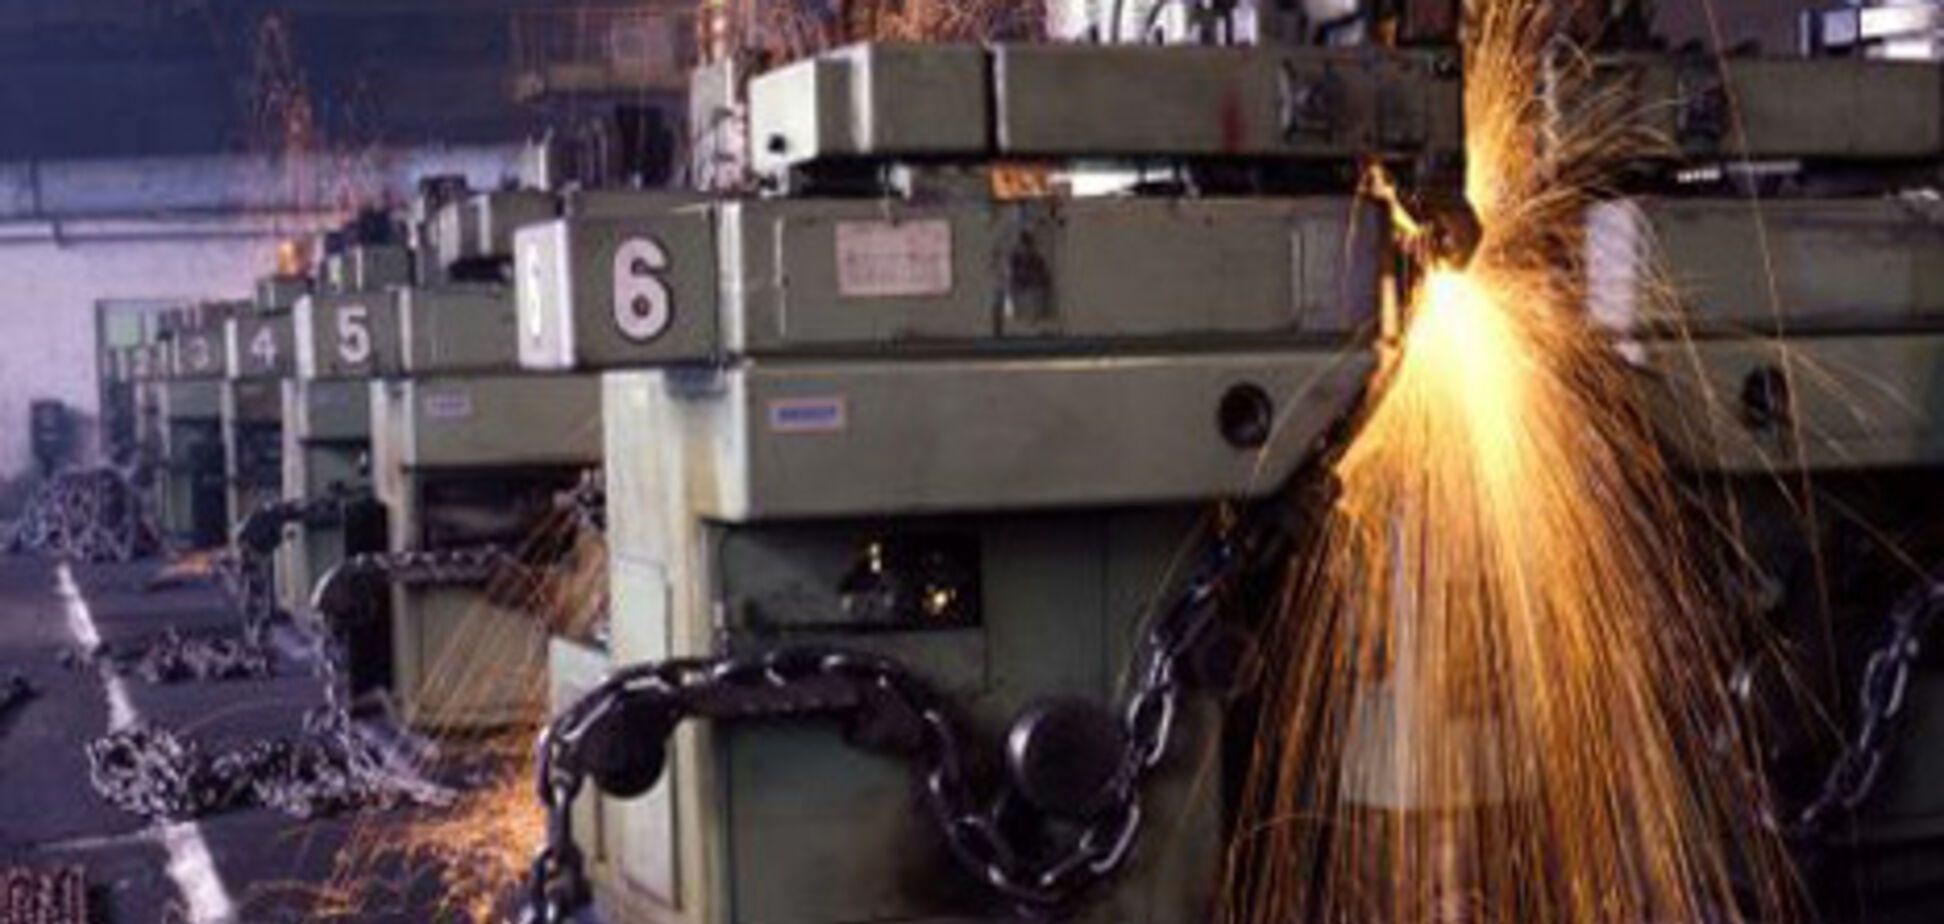 На Бахмутский завод 'Вистек' ворвались работники СБУ и устроили 'маски-шоу' - СМИ